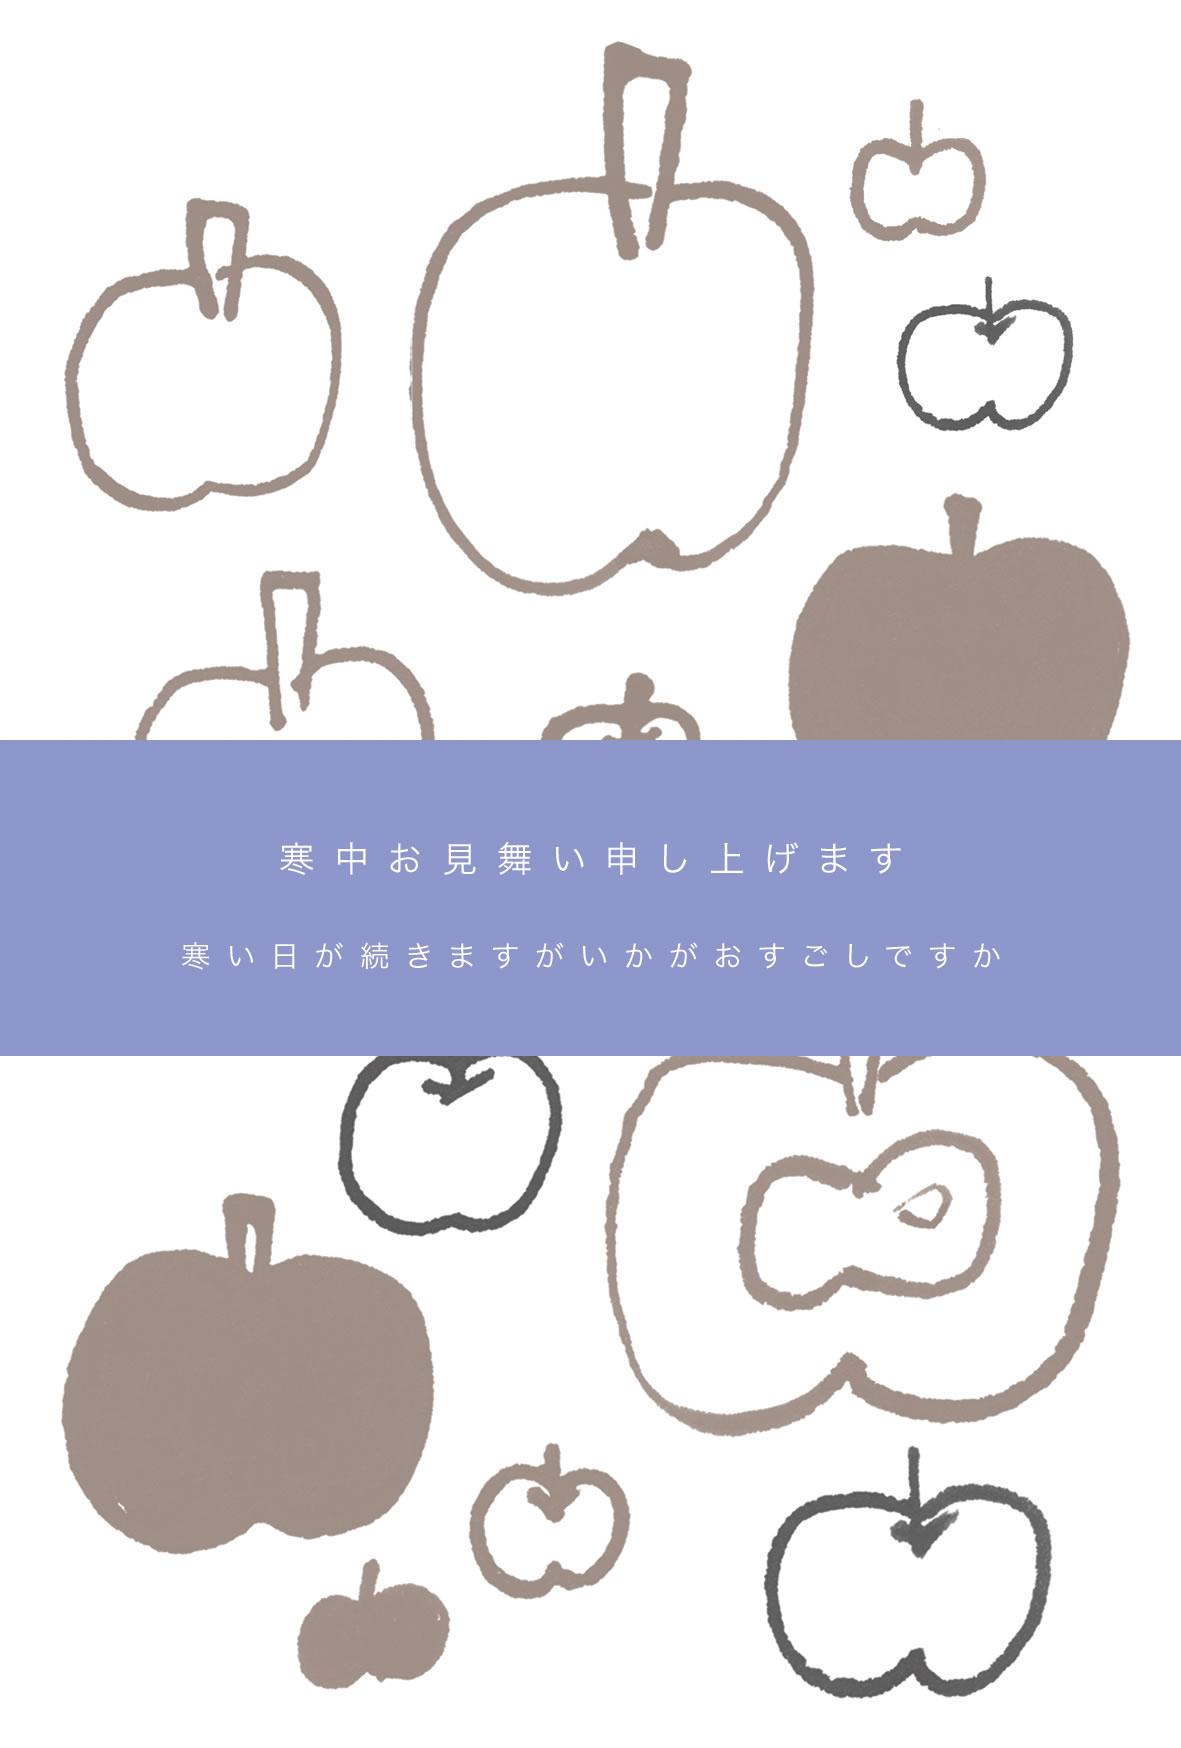 りんご : 【無料素材】かわいい ... : ポストカード作成 無料 : カード